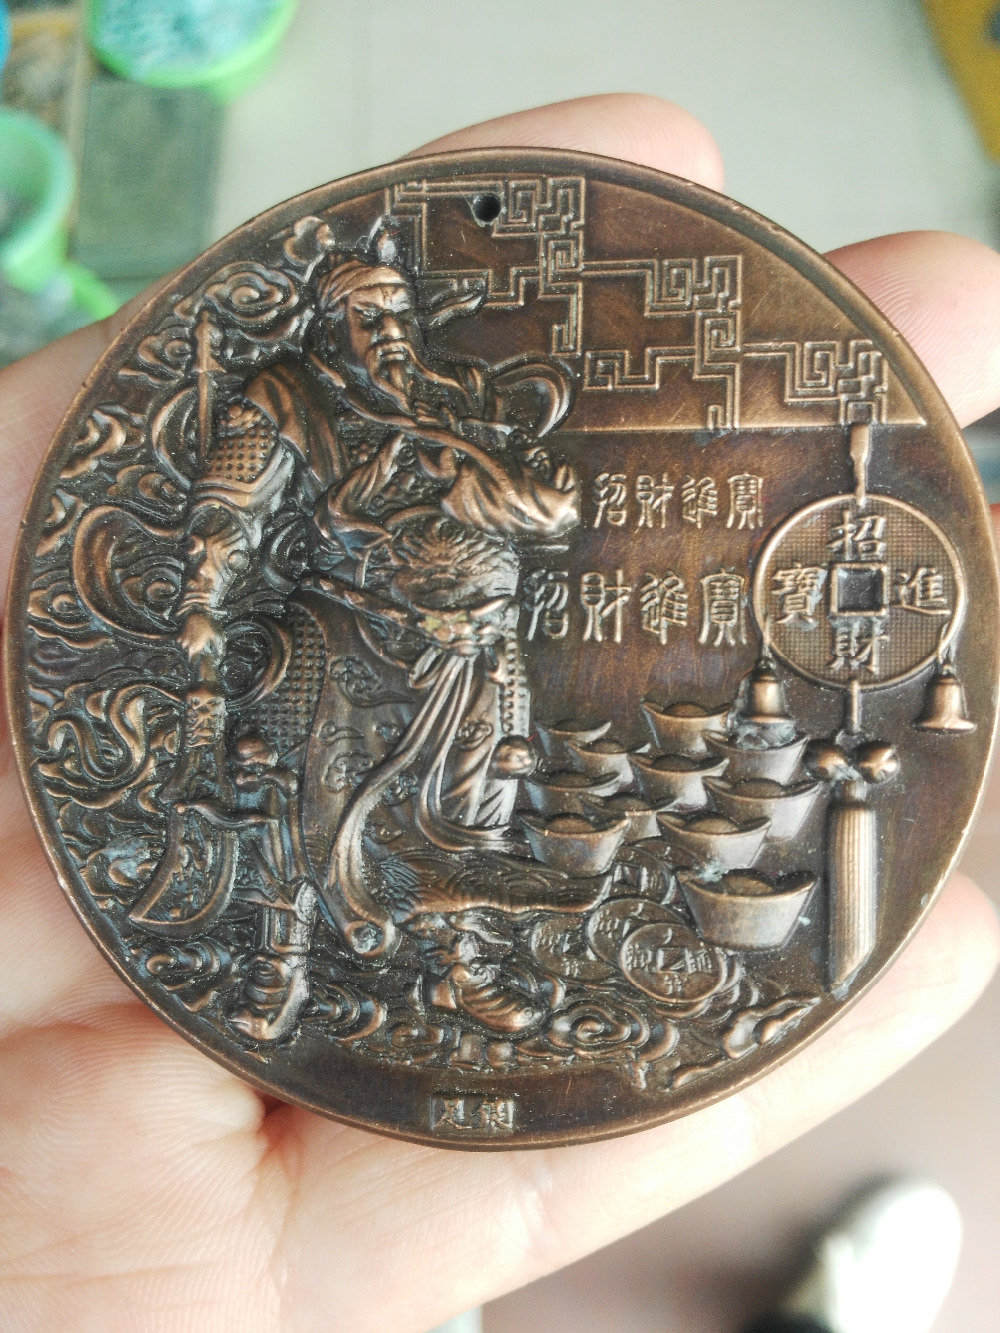 Chino Círculo de bronce de latón wenwu guangong mammon fengshui Estatua de la riqueza colgante de colarinho de artesanías de metal.